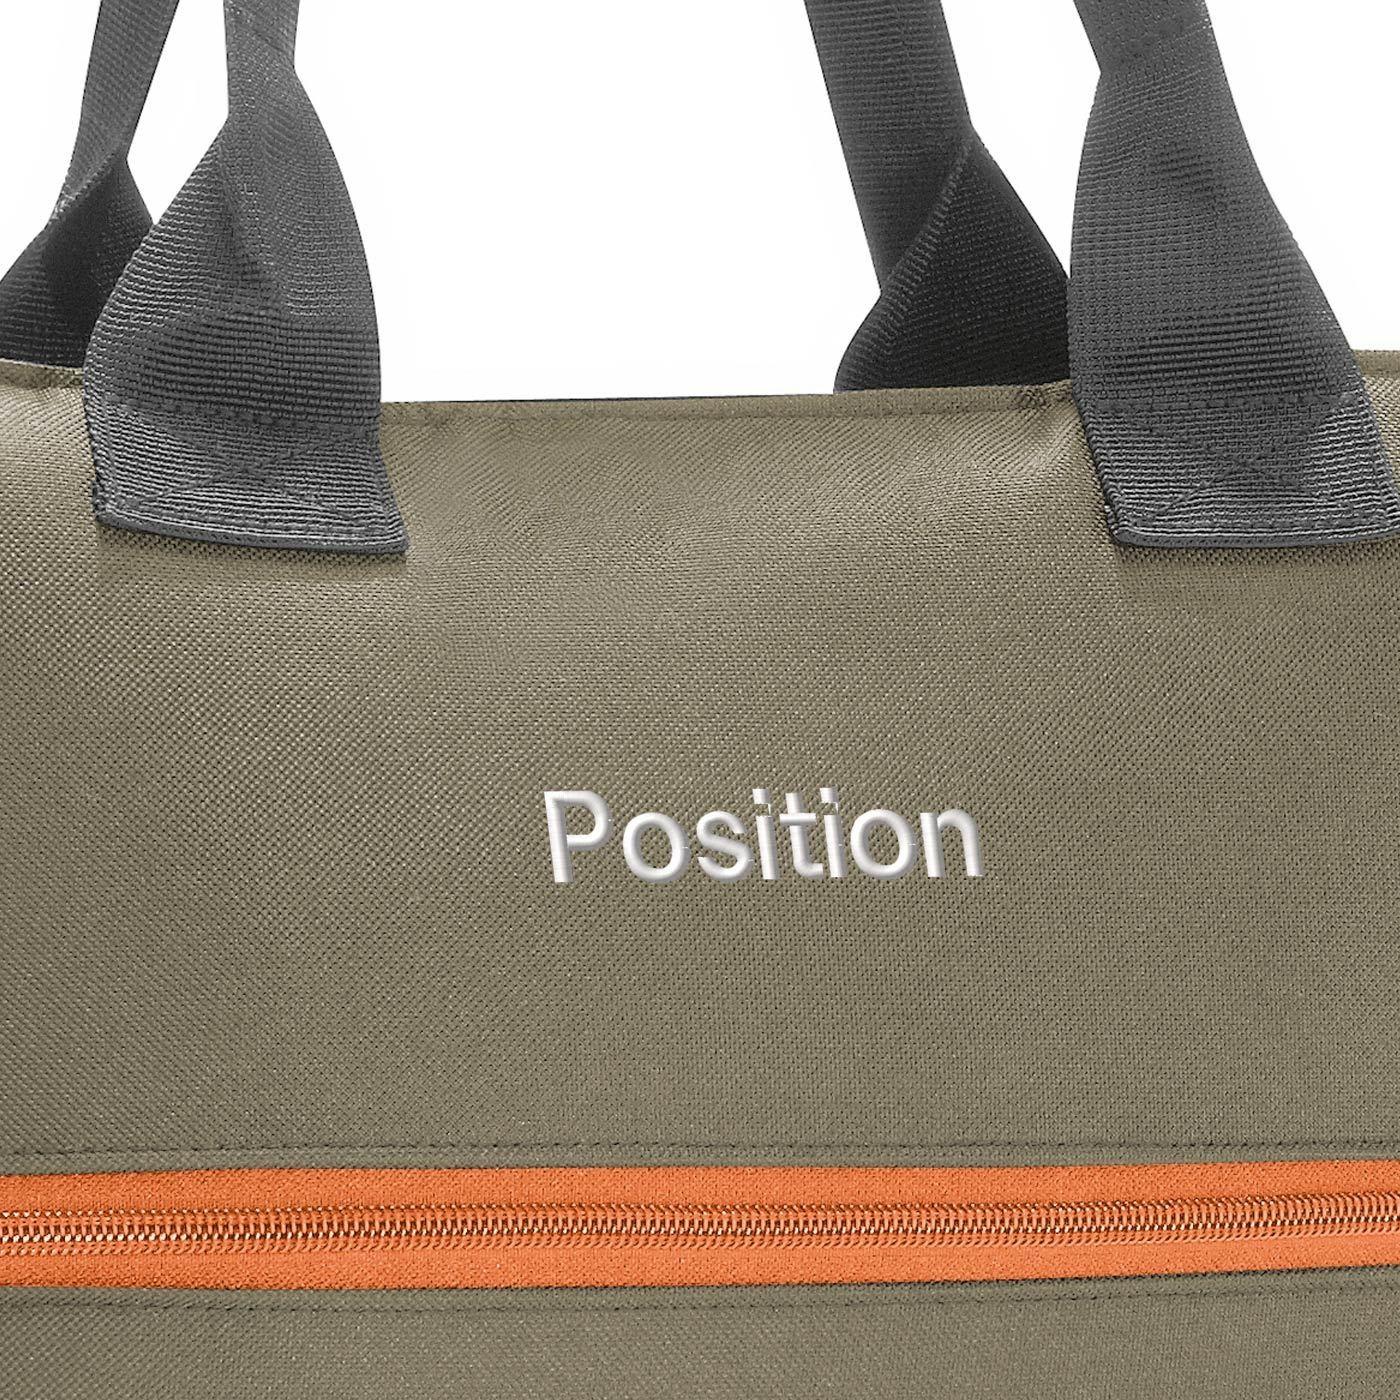 Chytrá taška přes rameno Shopper e1 olive green_2